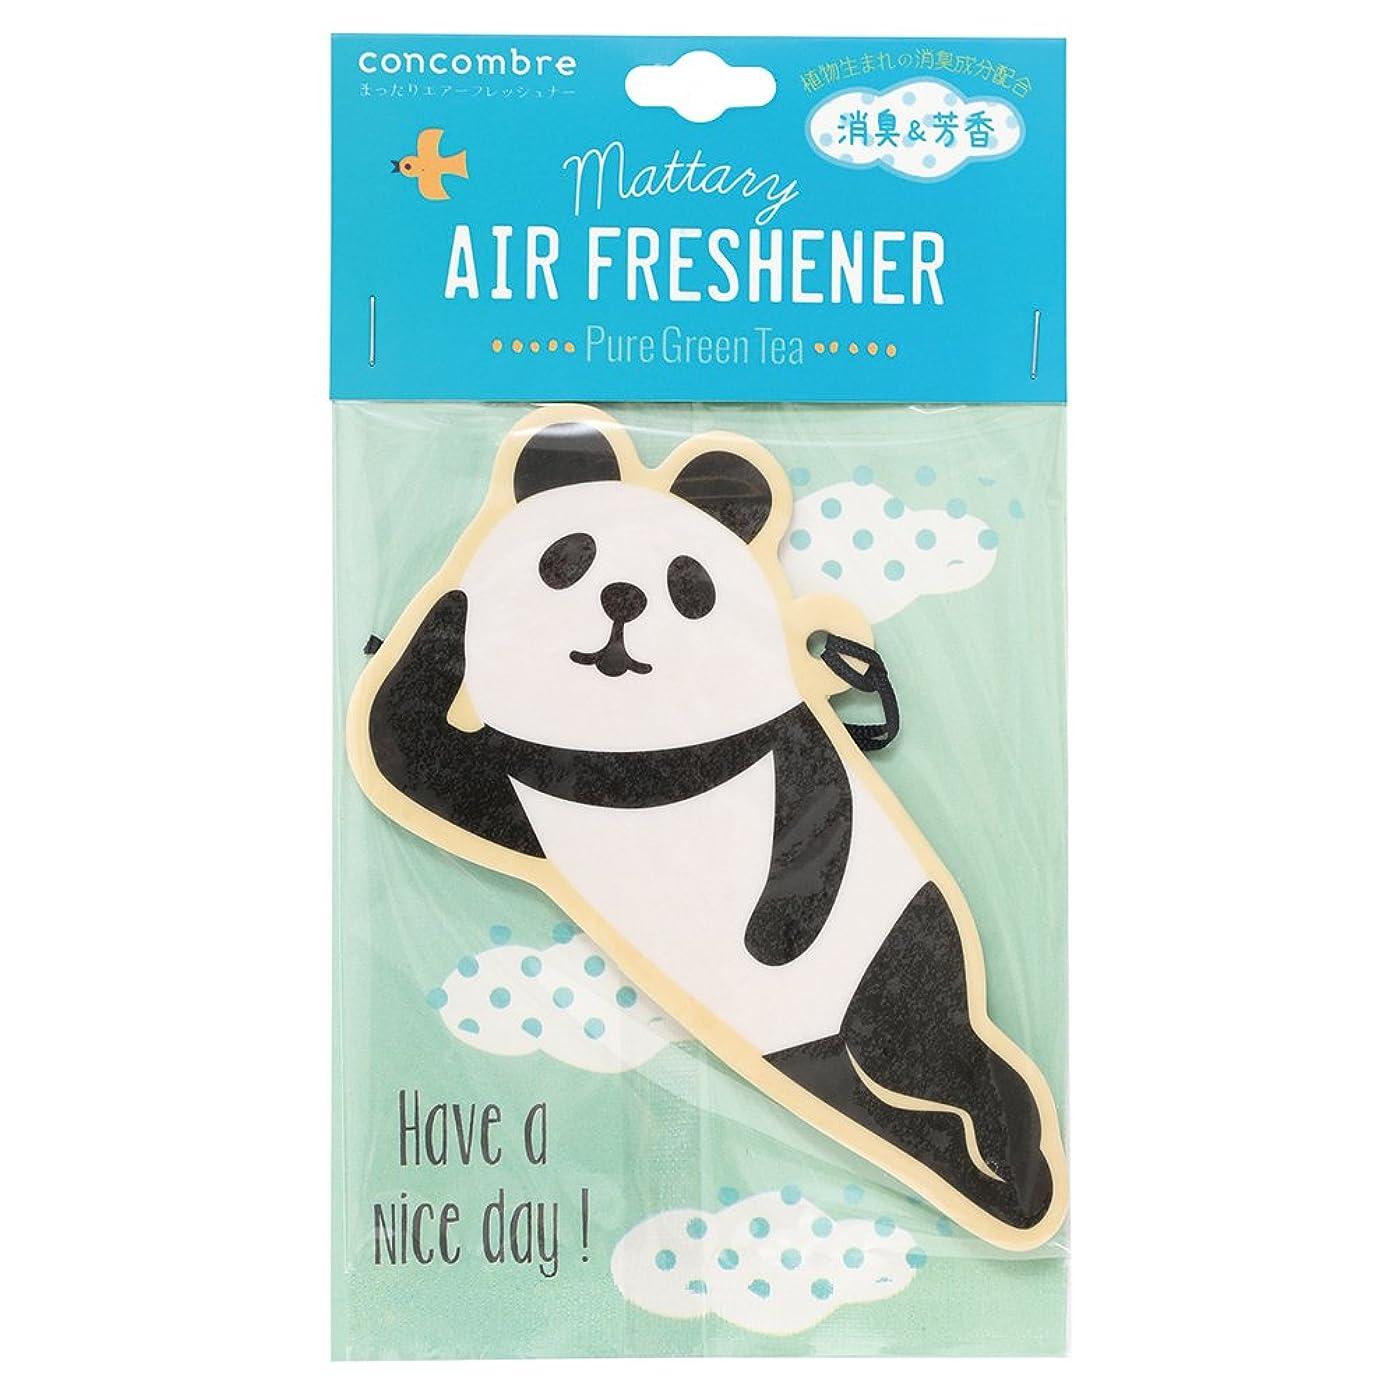 頭奨励しますスパイラルconcombre 芳香剤 まったりエアーフレッシュナー 吊り下げ 消臭成分配合 グリーンティーの香り OA-DKA-5-4